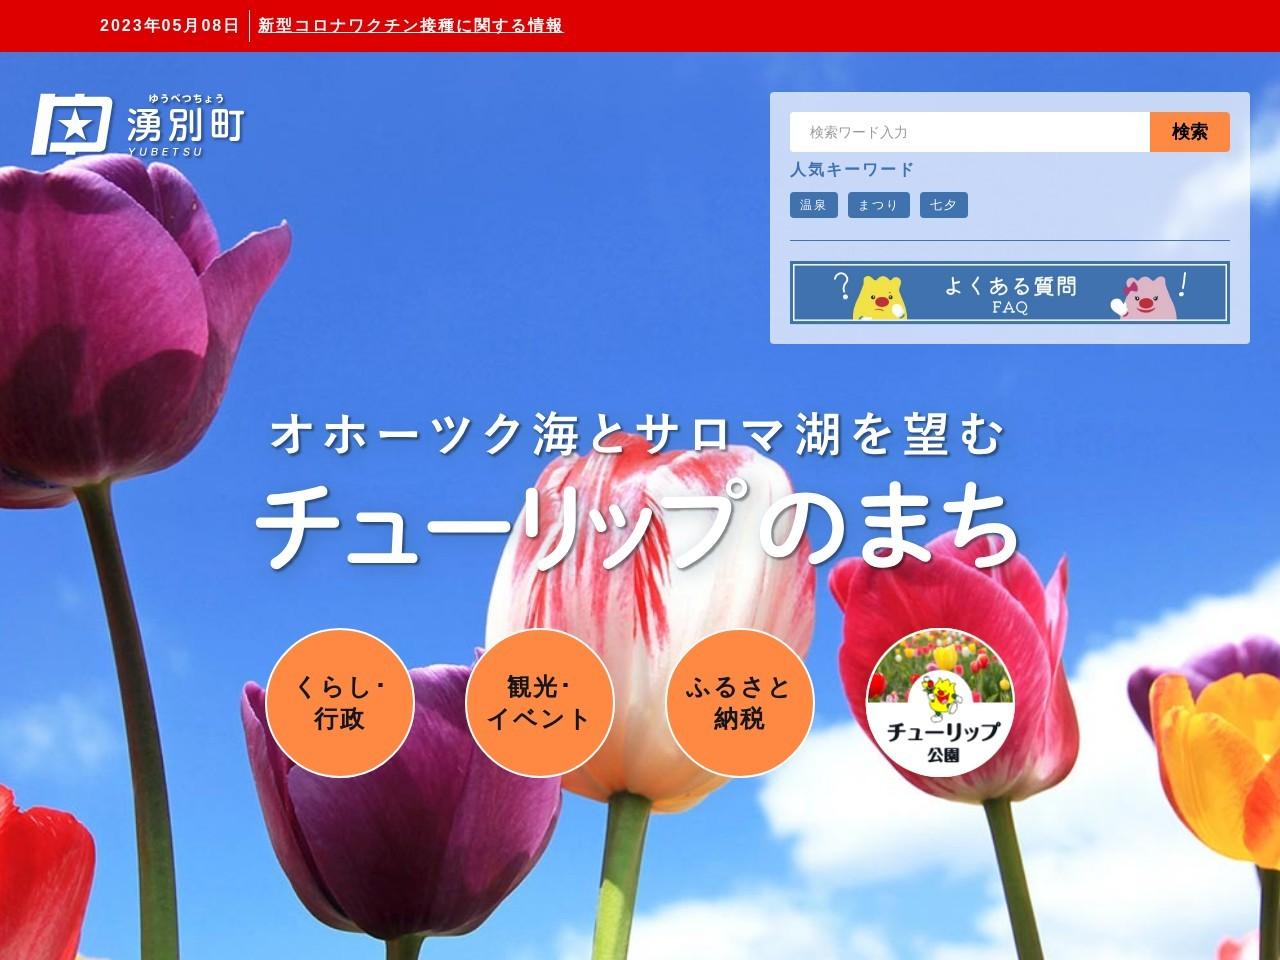 http://www.town.yubetsu.lg.jp/40gyosei/07nyusatsu/2017-0308-0929-24.html